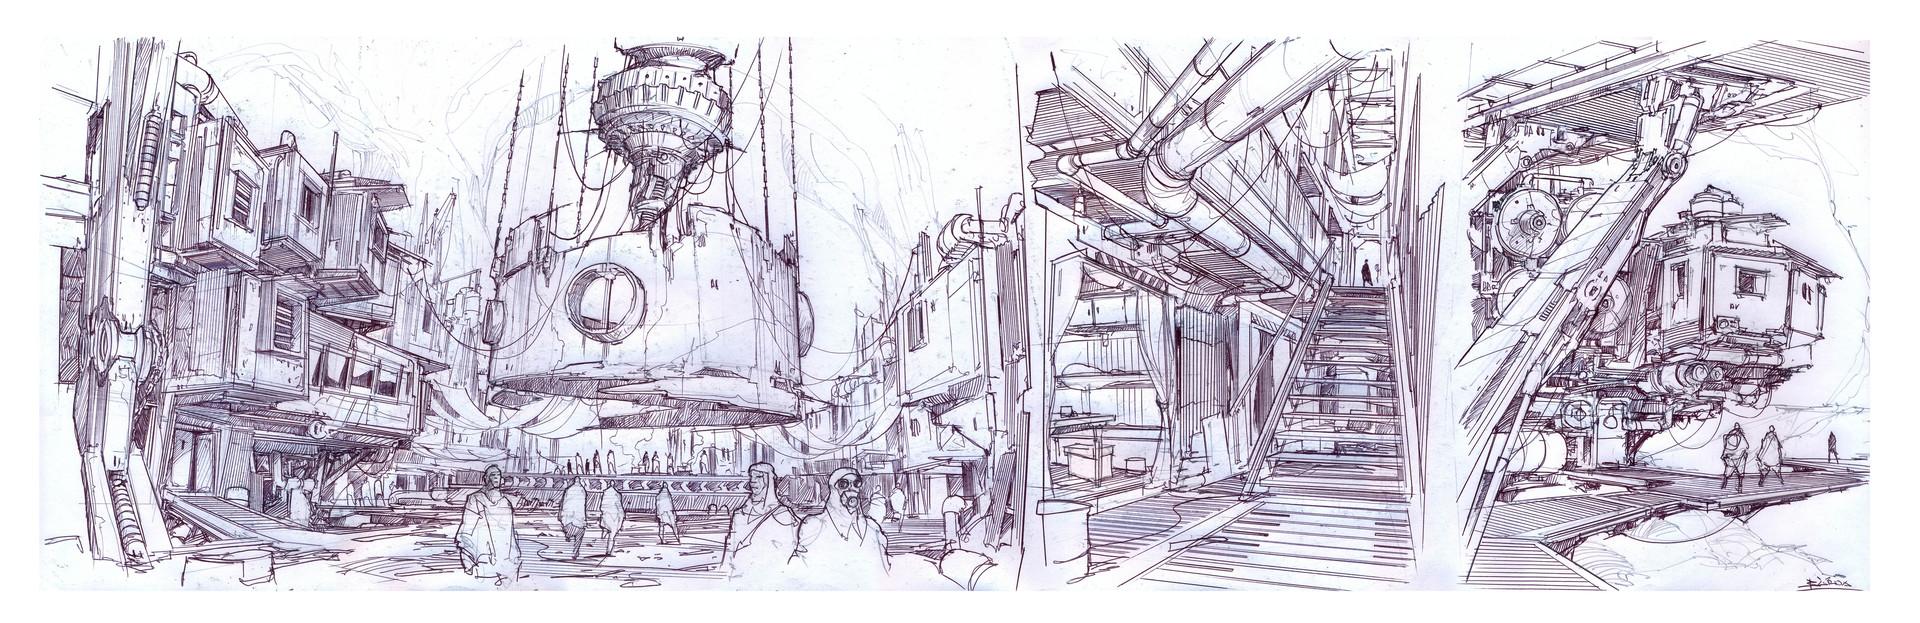 Alejandro burdisio bocetos tek6